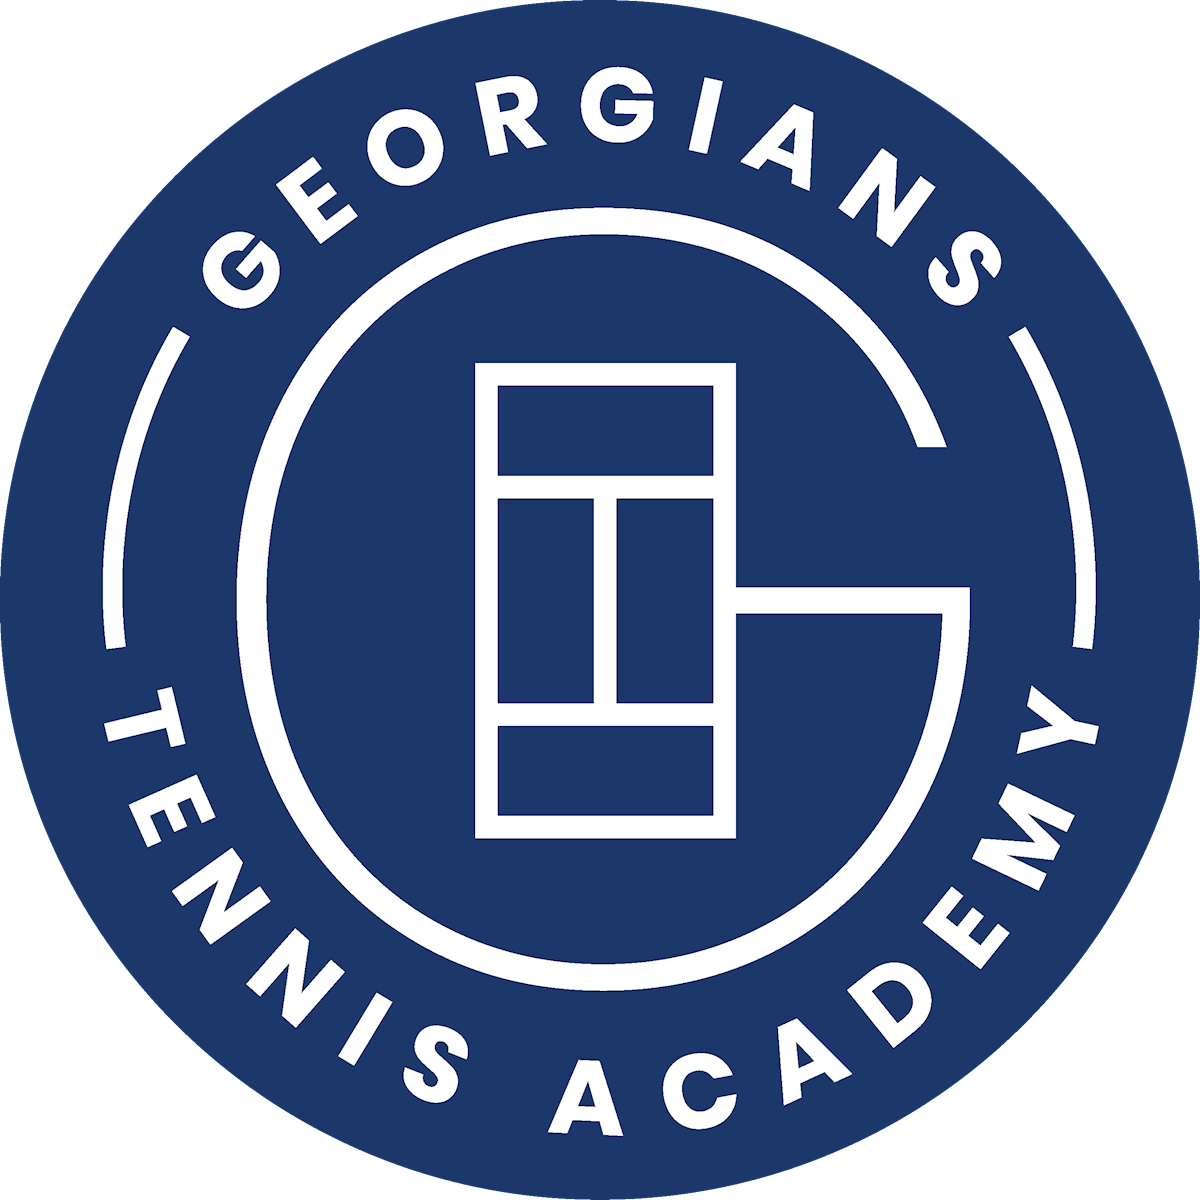 Georgians Tennis Club